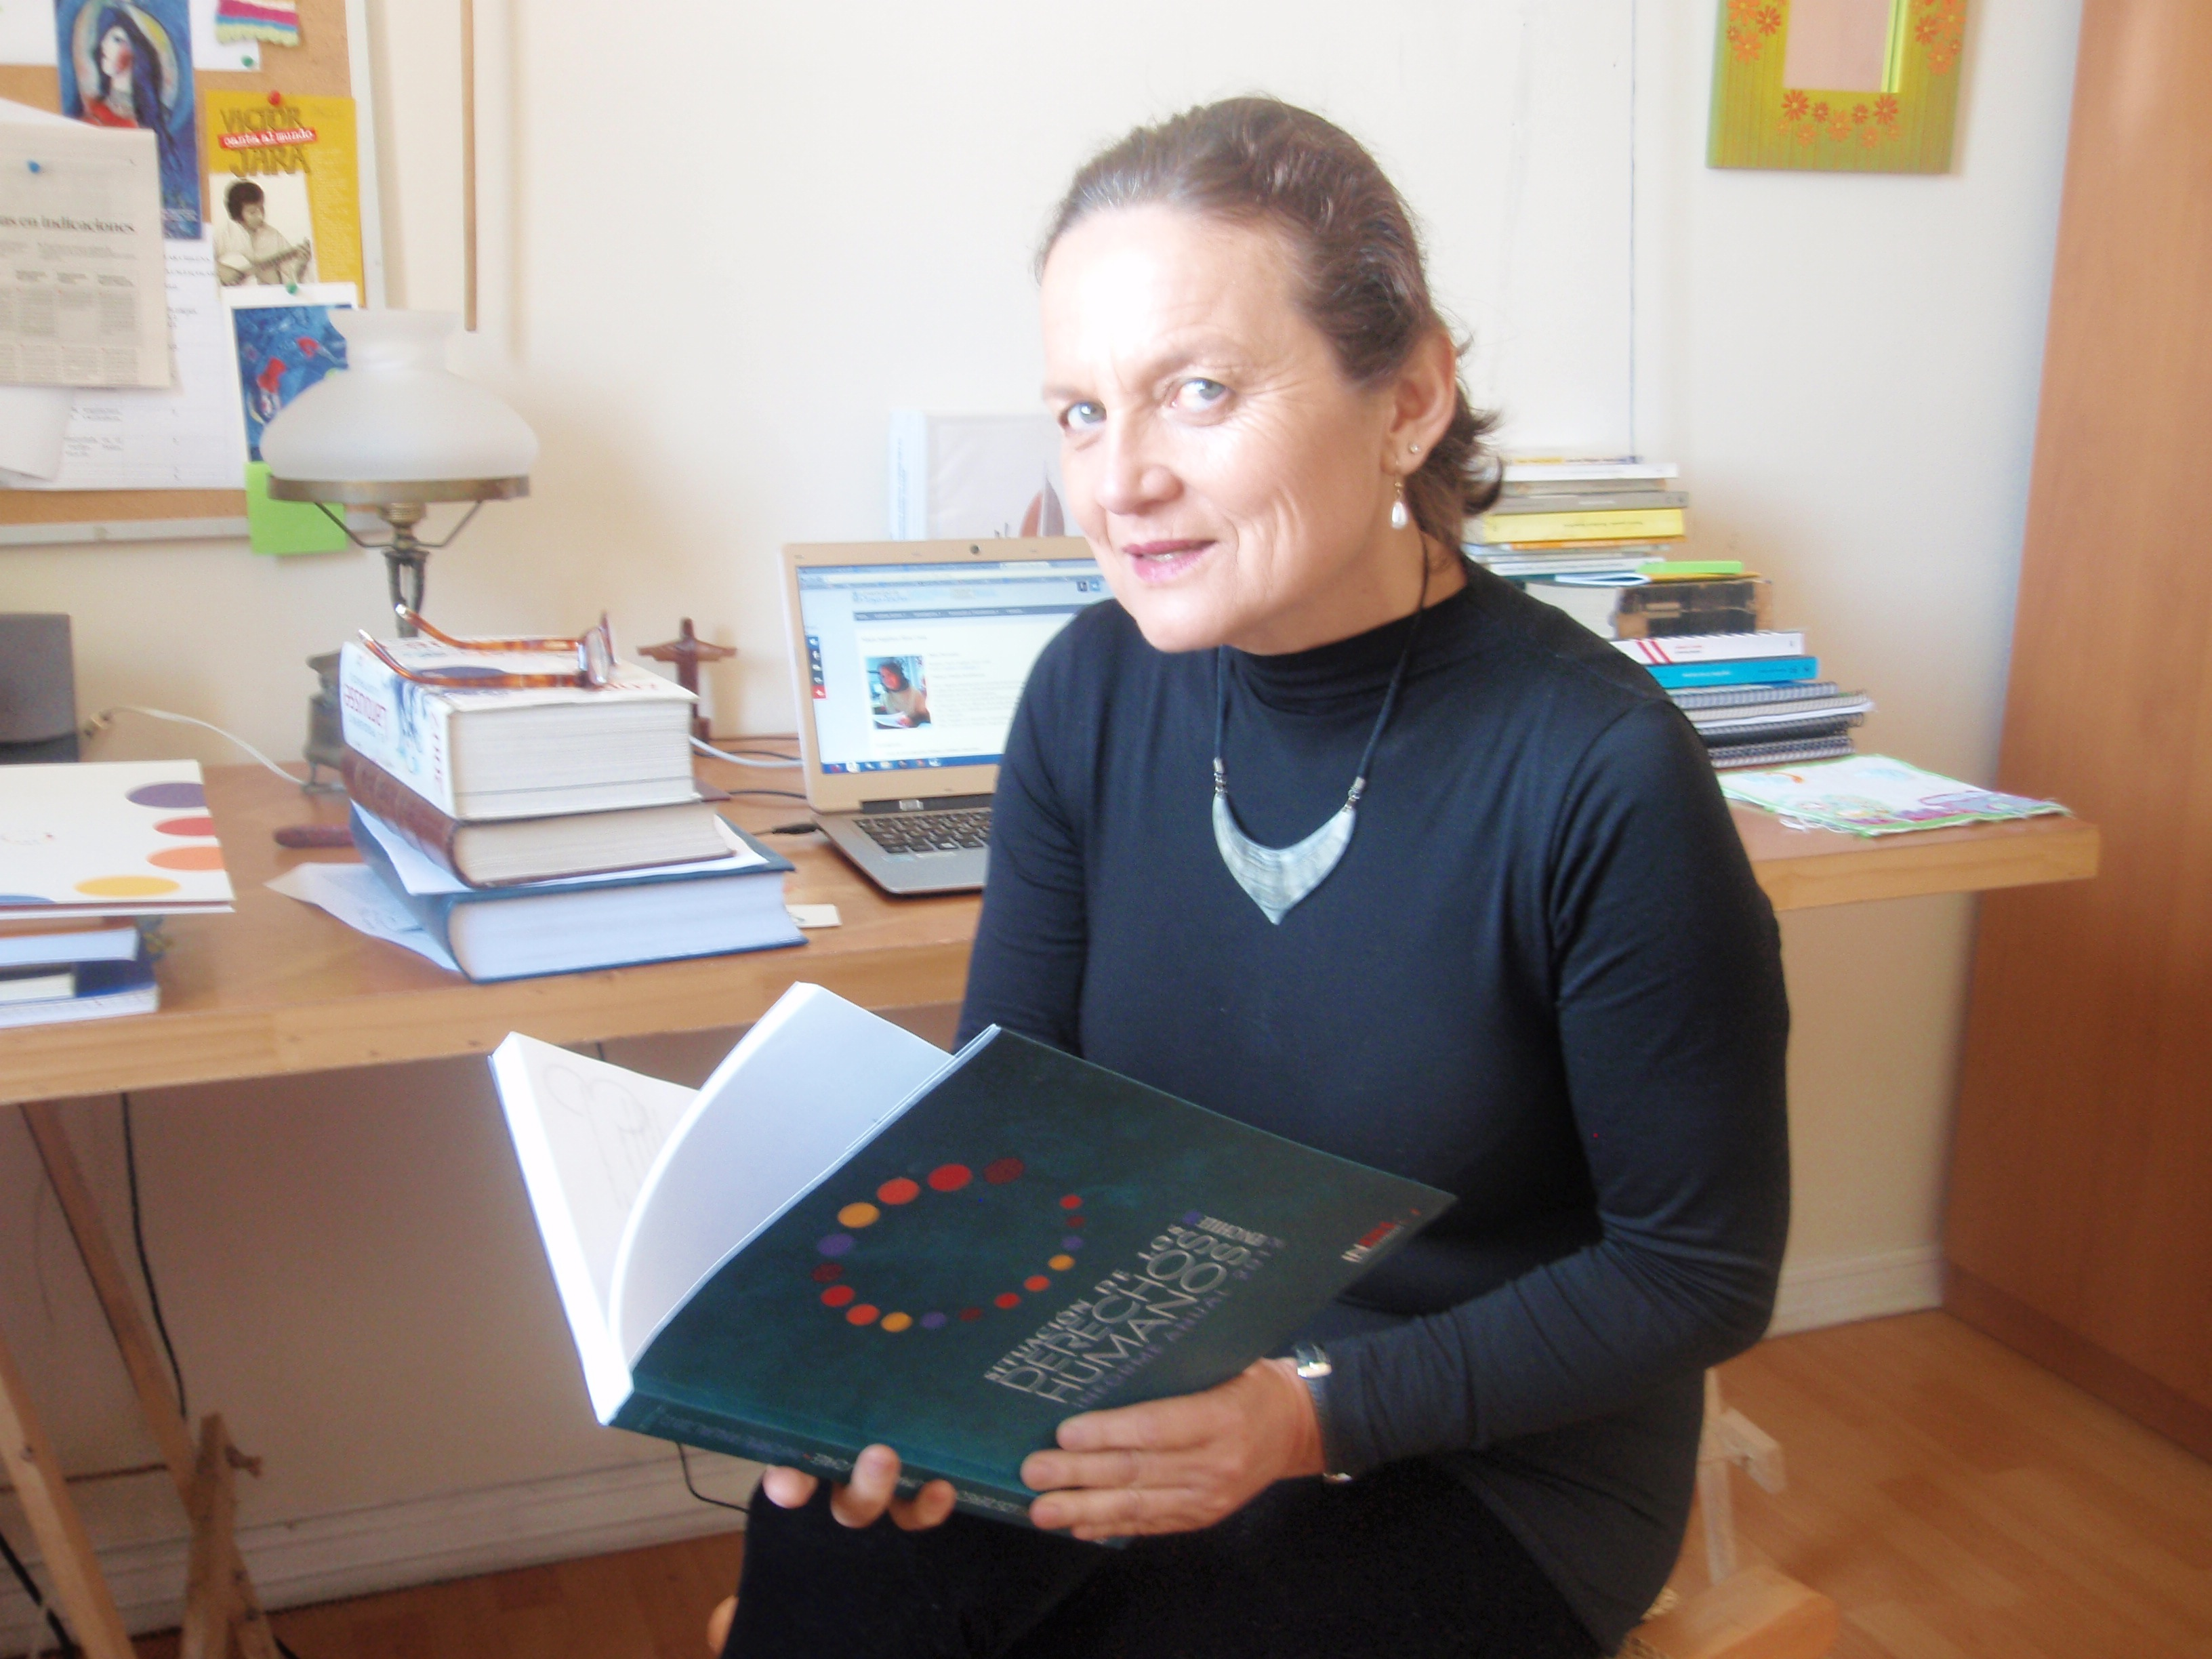 María Angélica Oliva Ureta